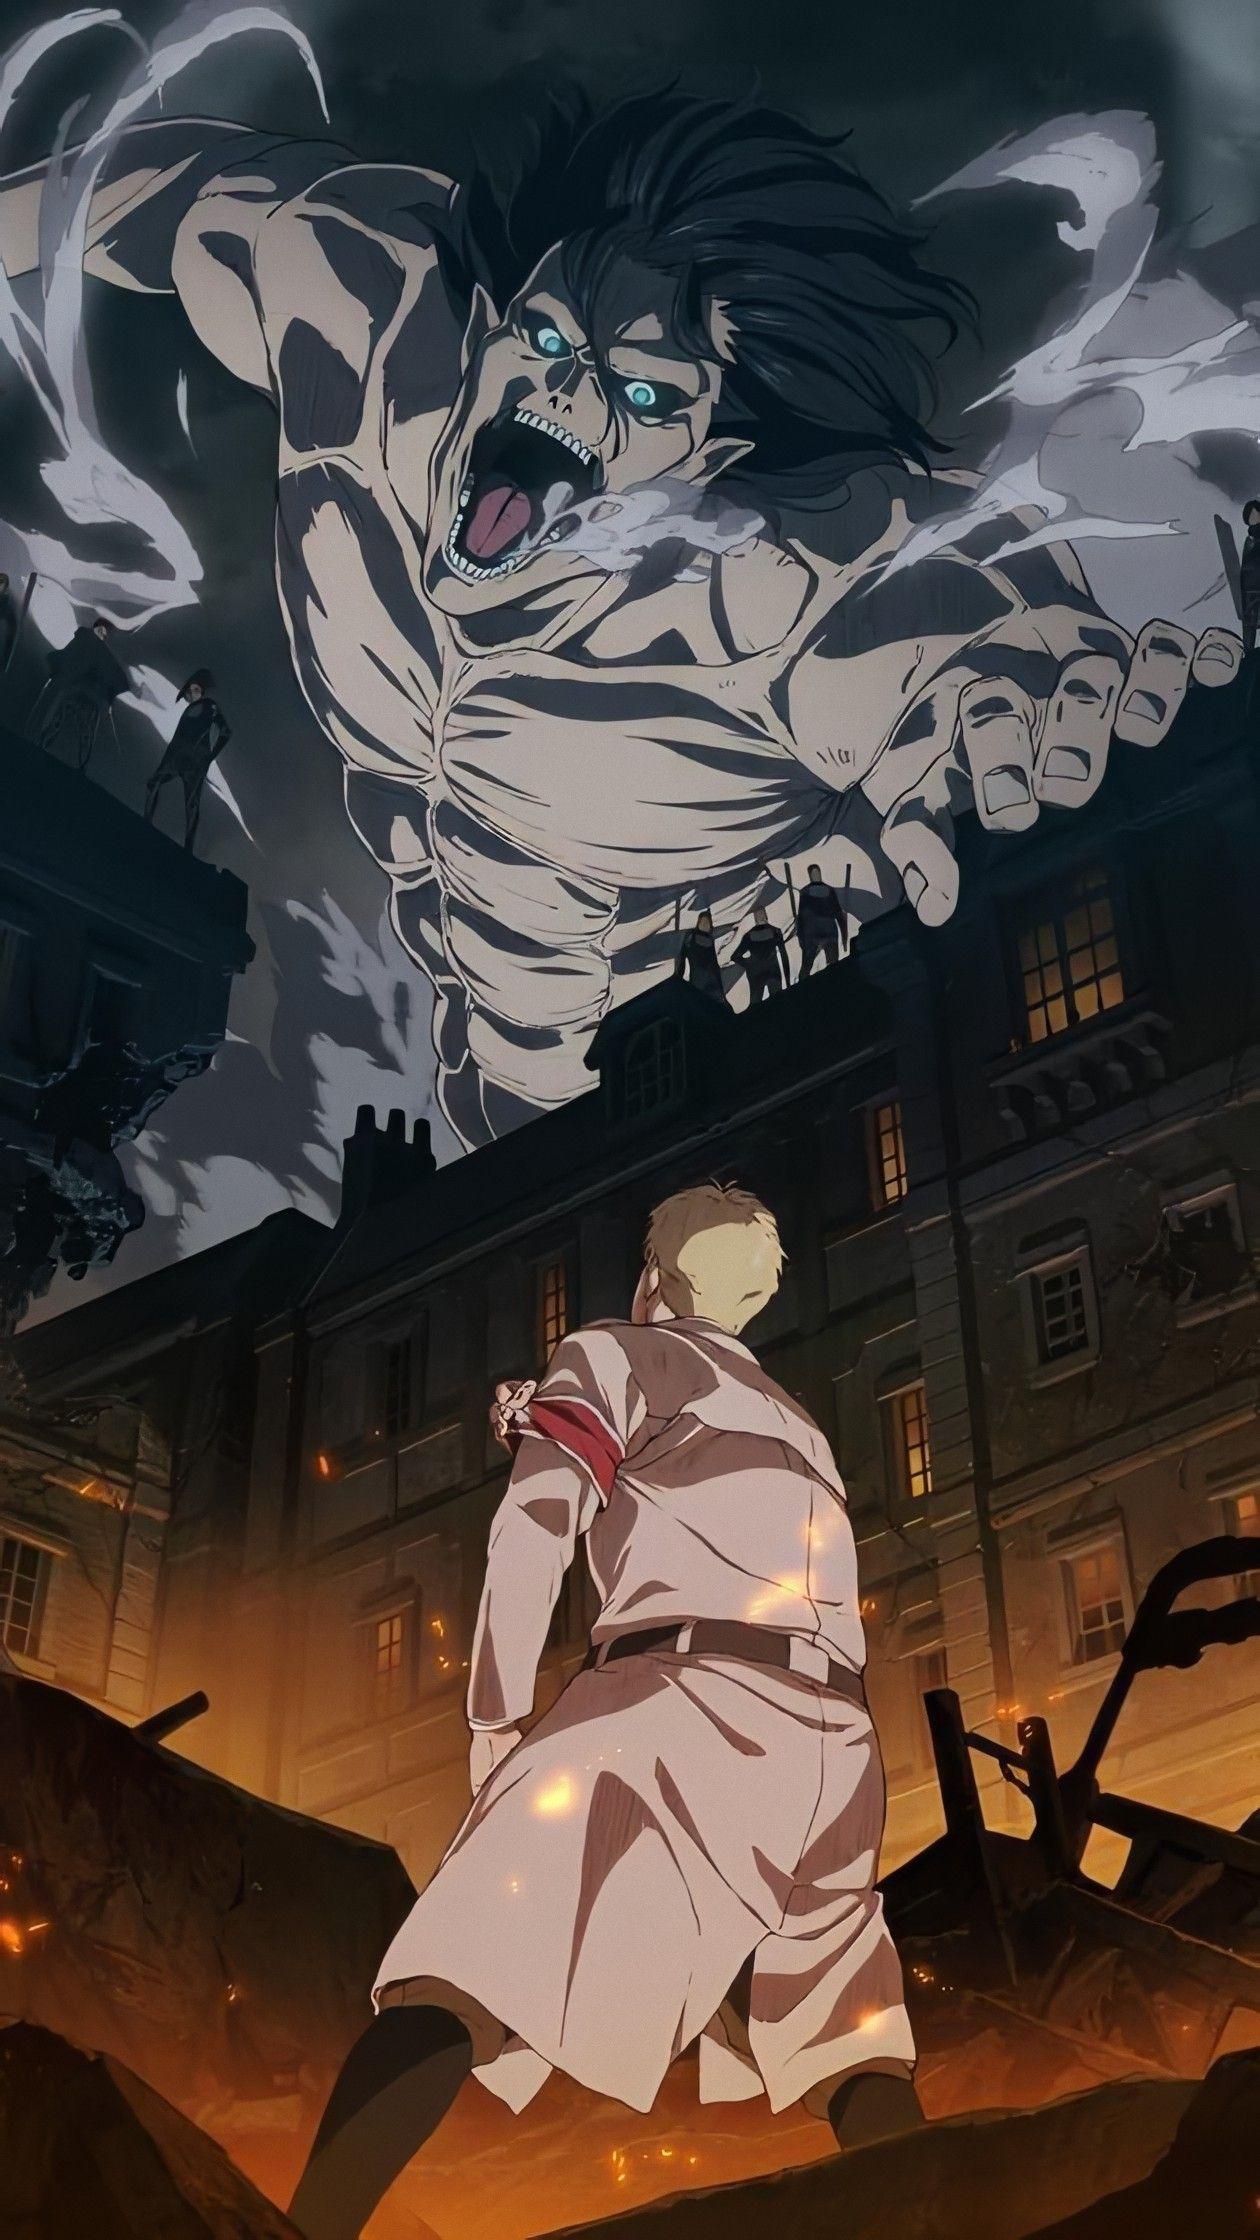 Shingeki No Kyojin Season 4 Wallpaper Anime Masculino Titanes Anime Imagenes De Anime Hd